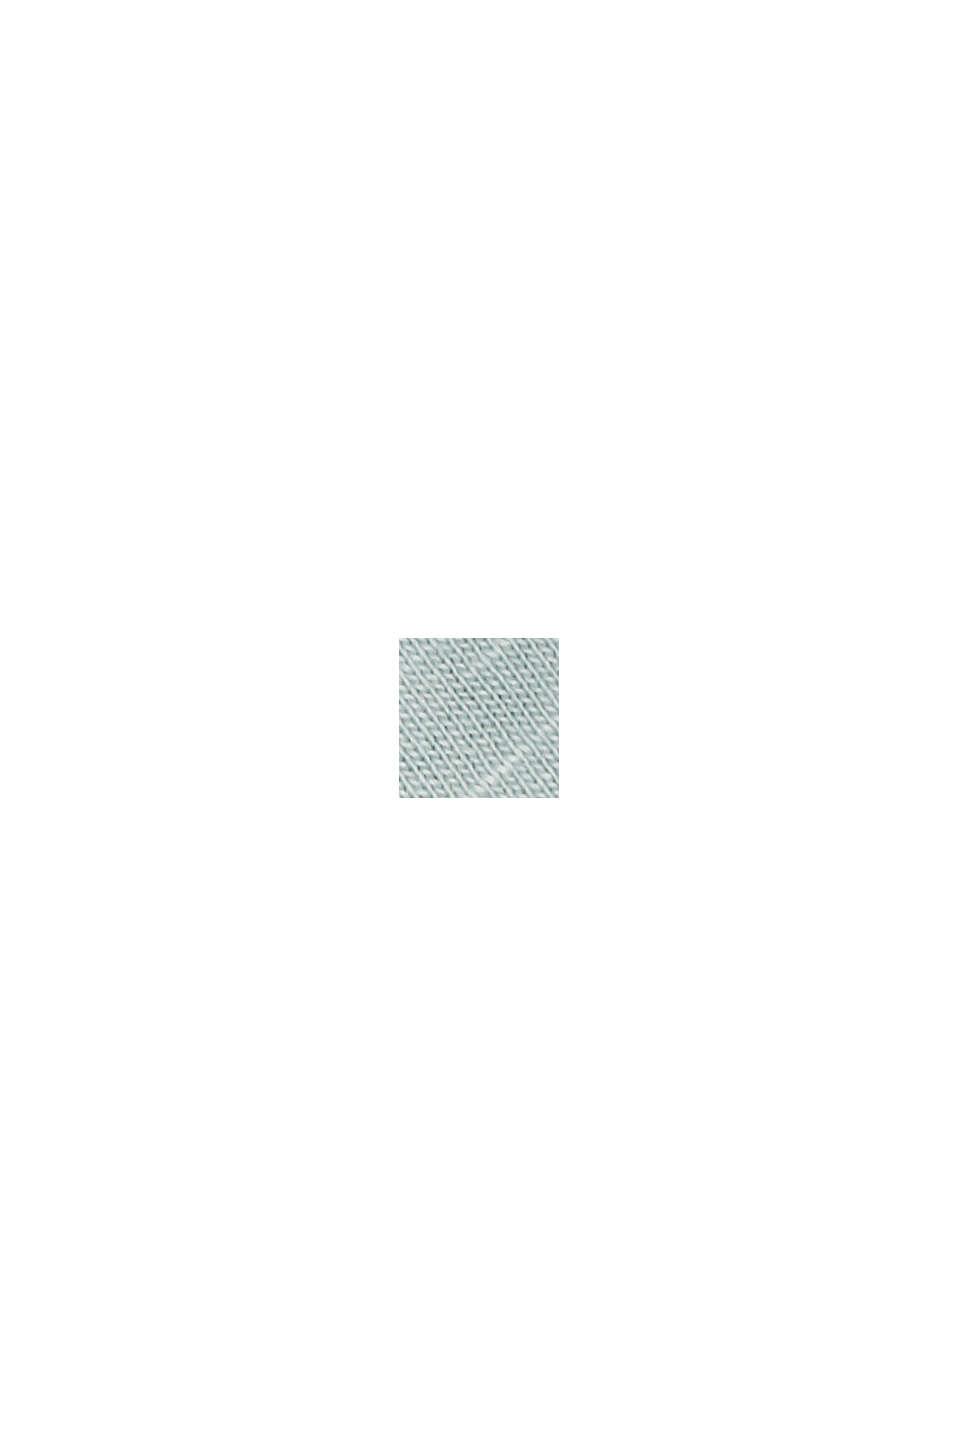 Maglia con scollo a V in cotone biologico/TENCEL™, LIGHT AQUA GREEN, swatch